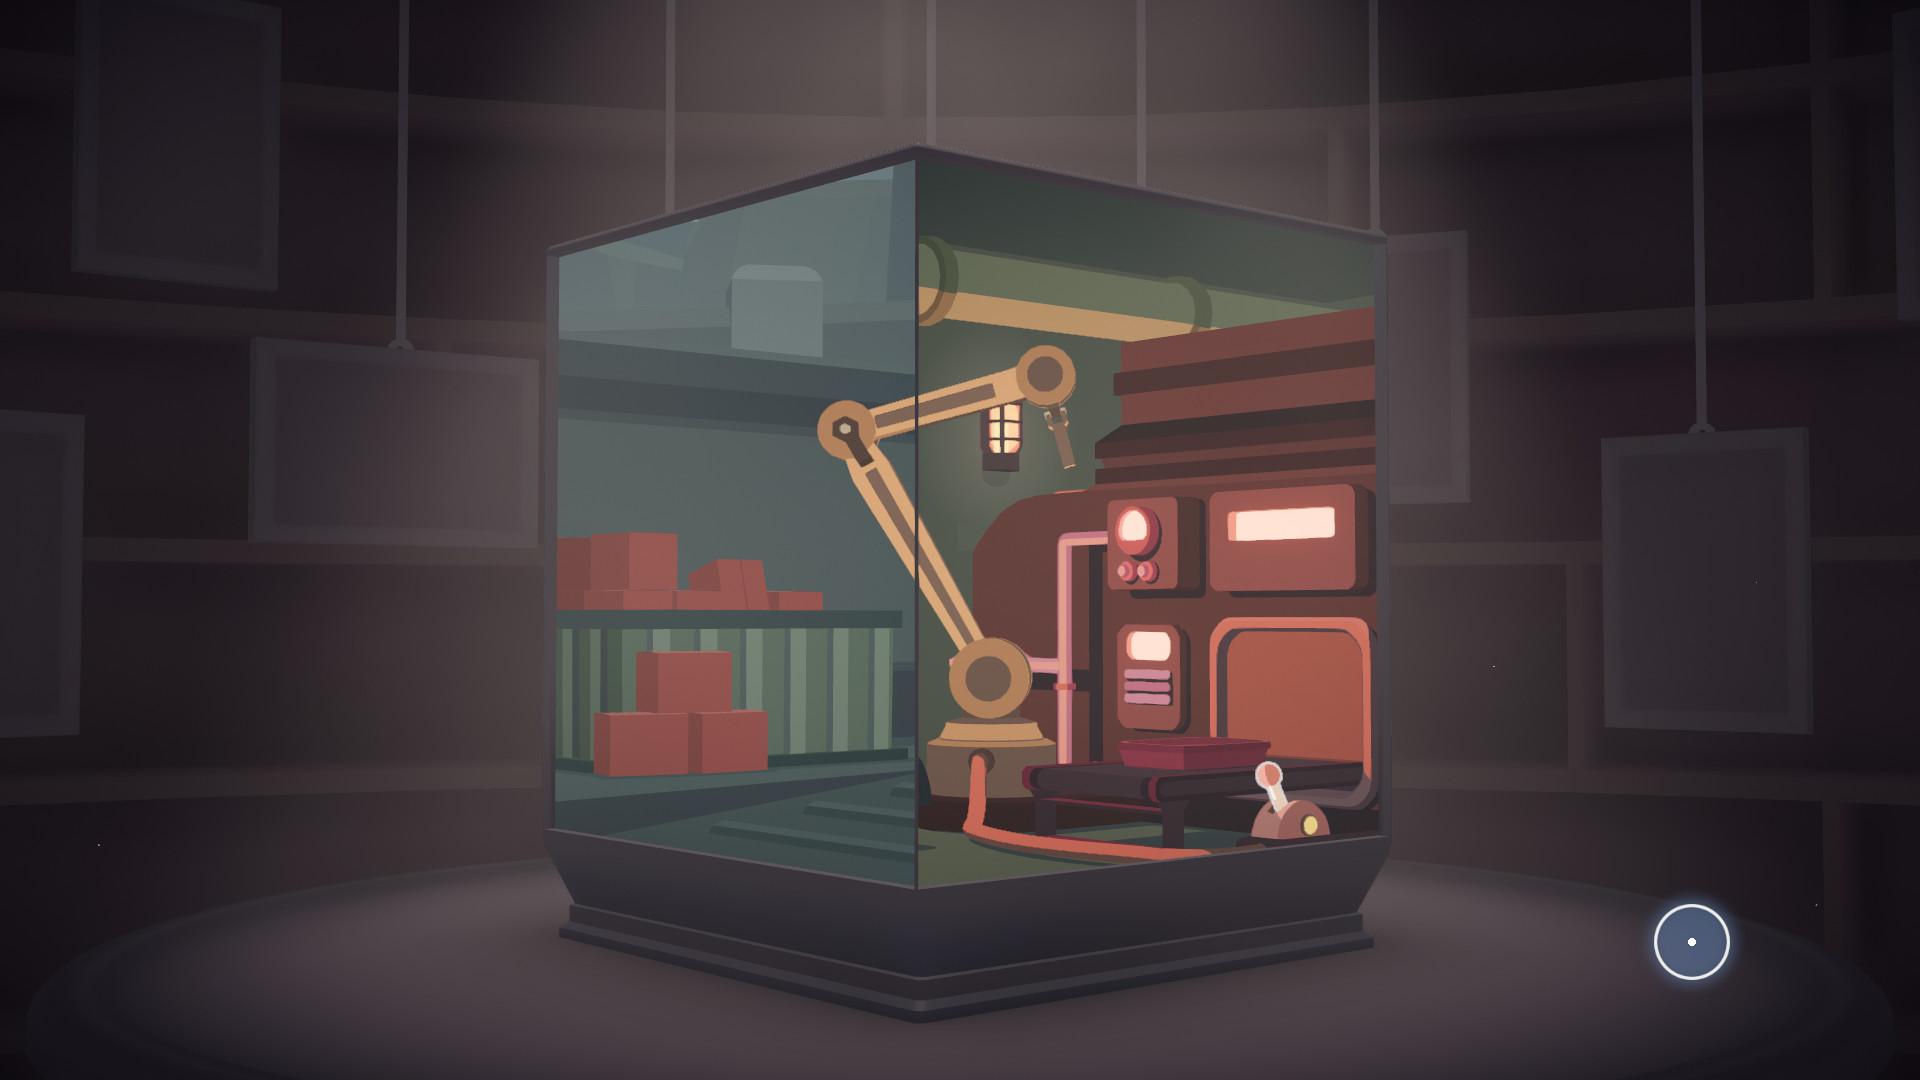 国产视错觉解谜游戏《笼中窥梦》新预告 正式版将于11月16日上线